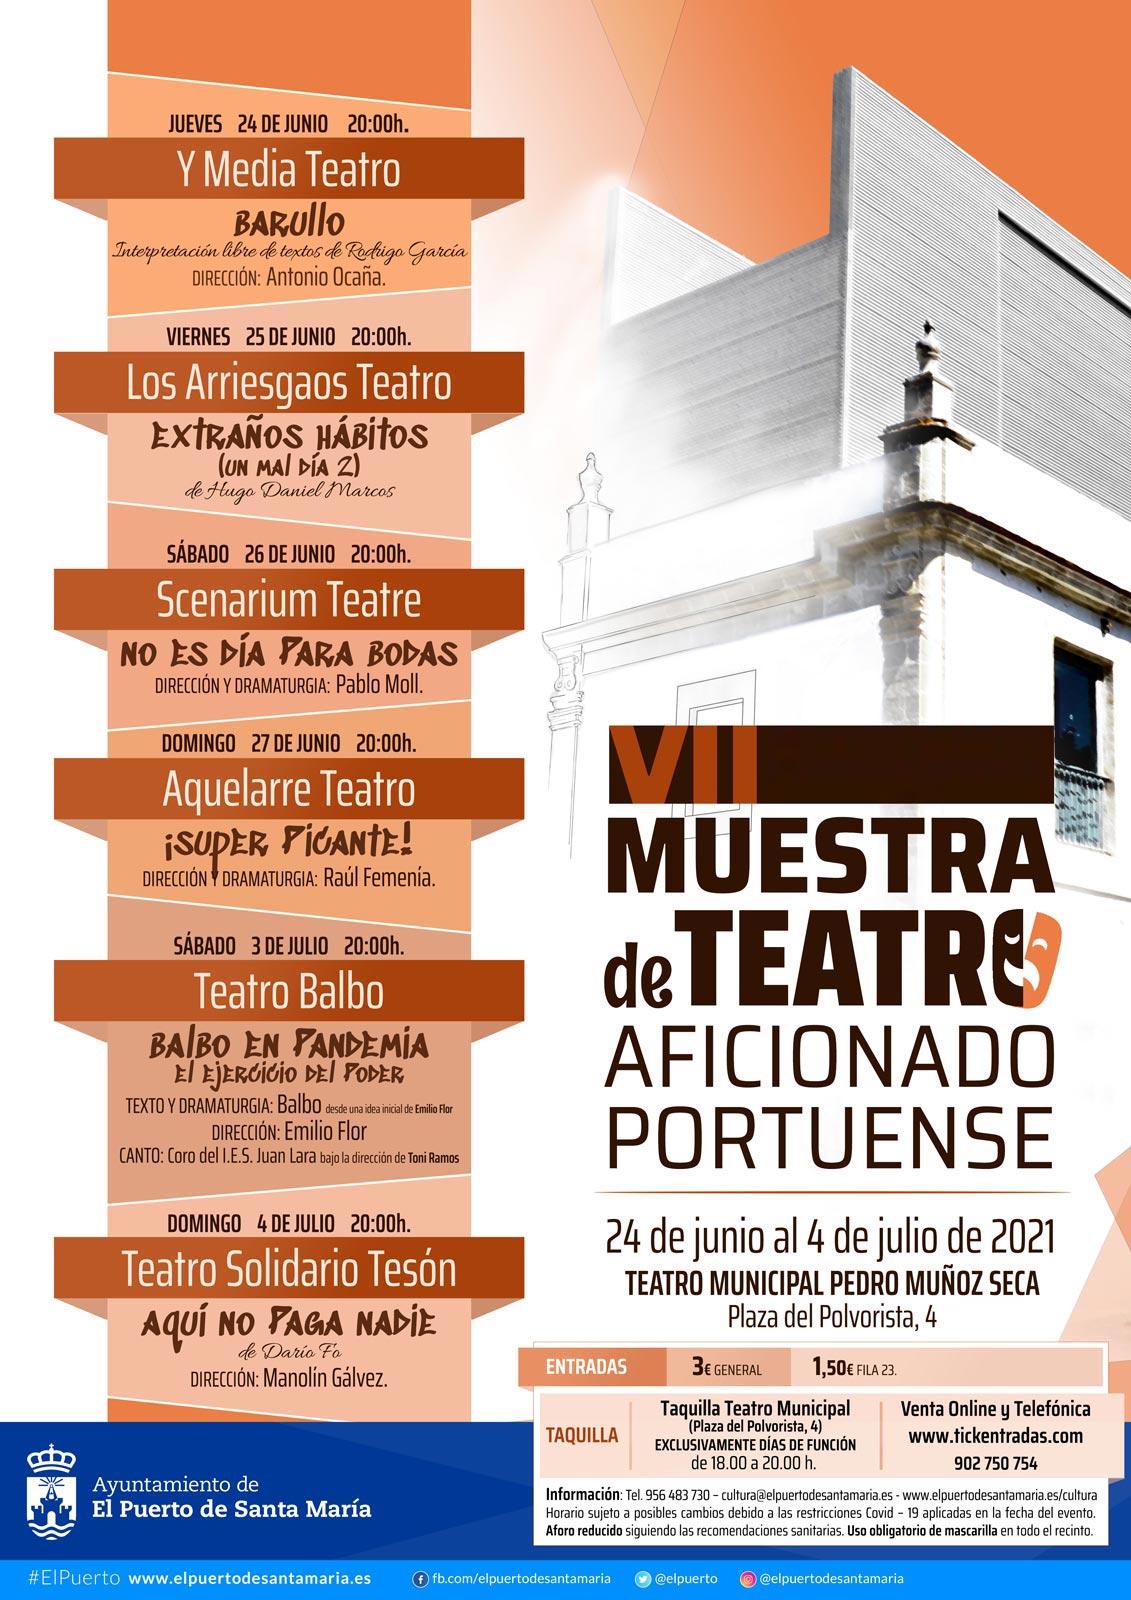 VII Muestra de Teatro Portuense